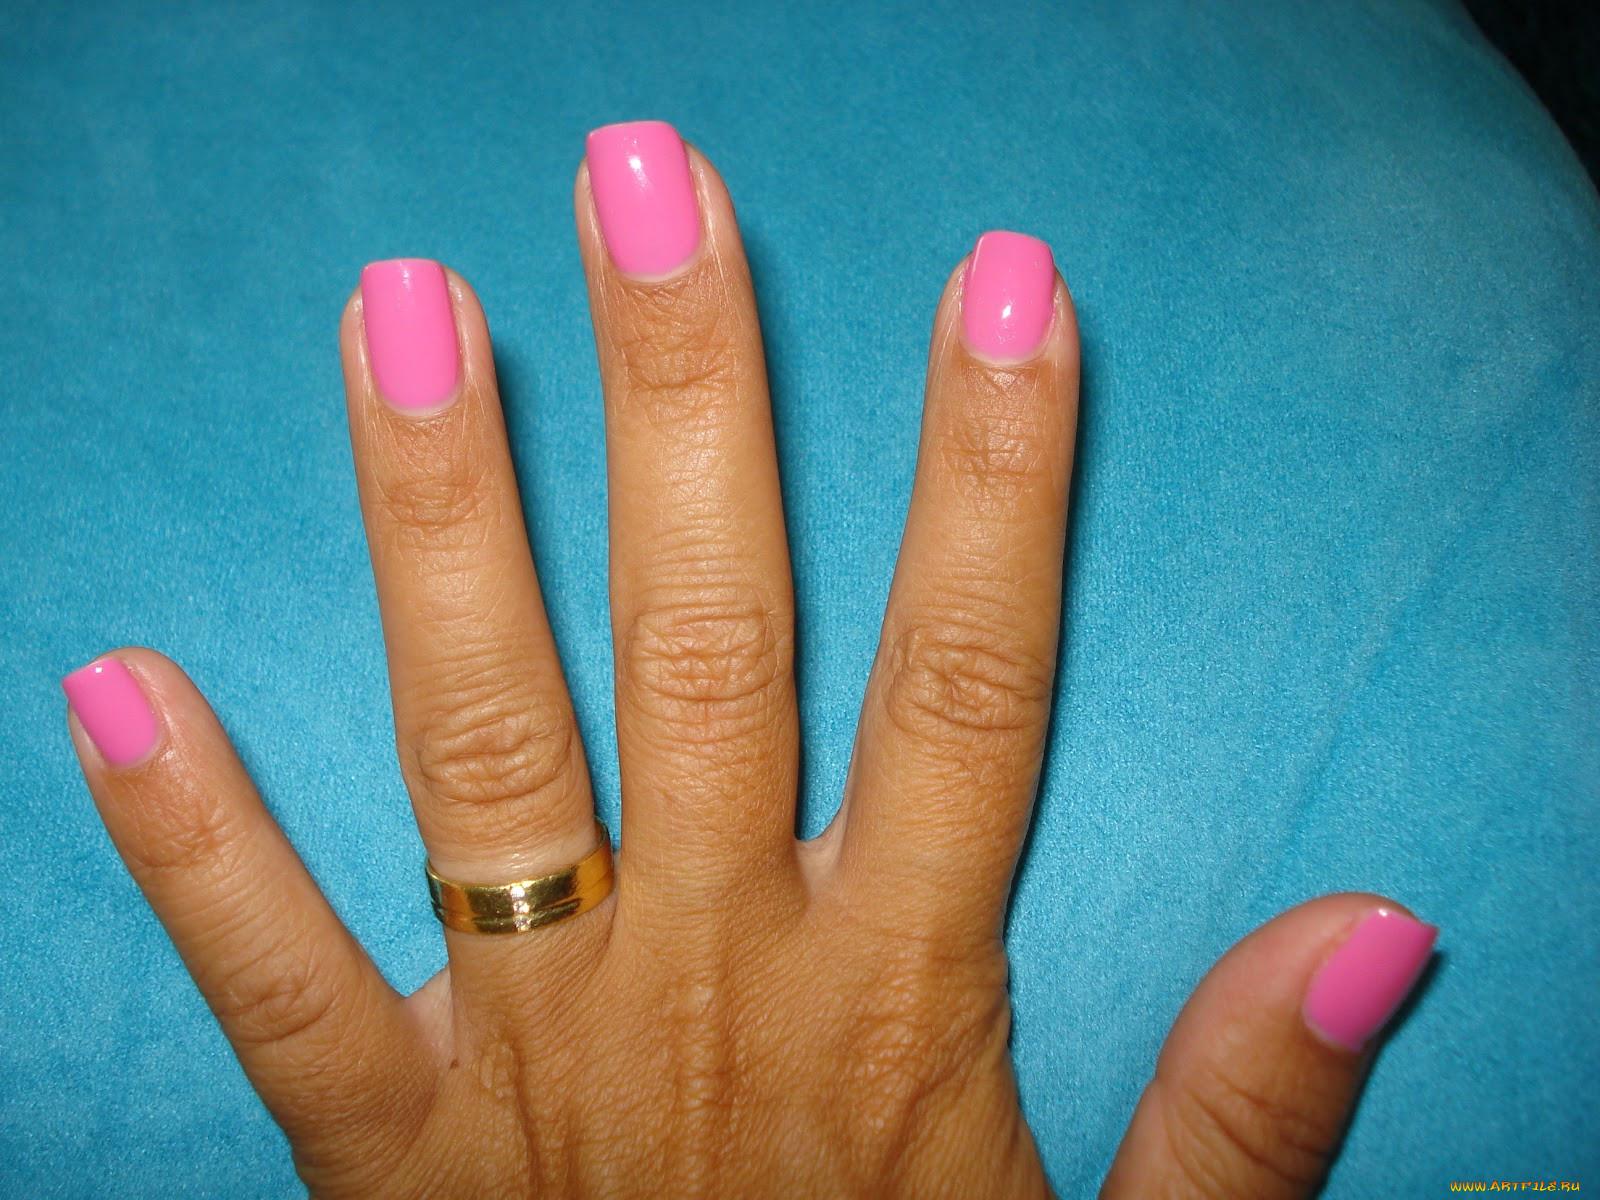 Фото разных ногтей на одной руке